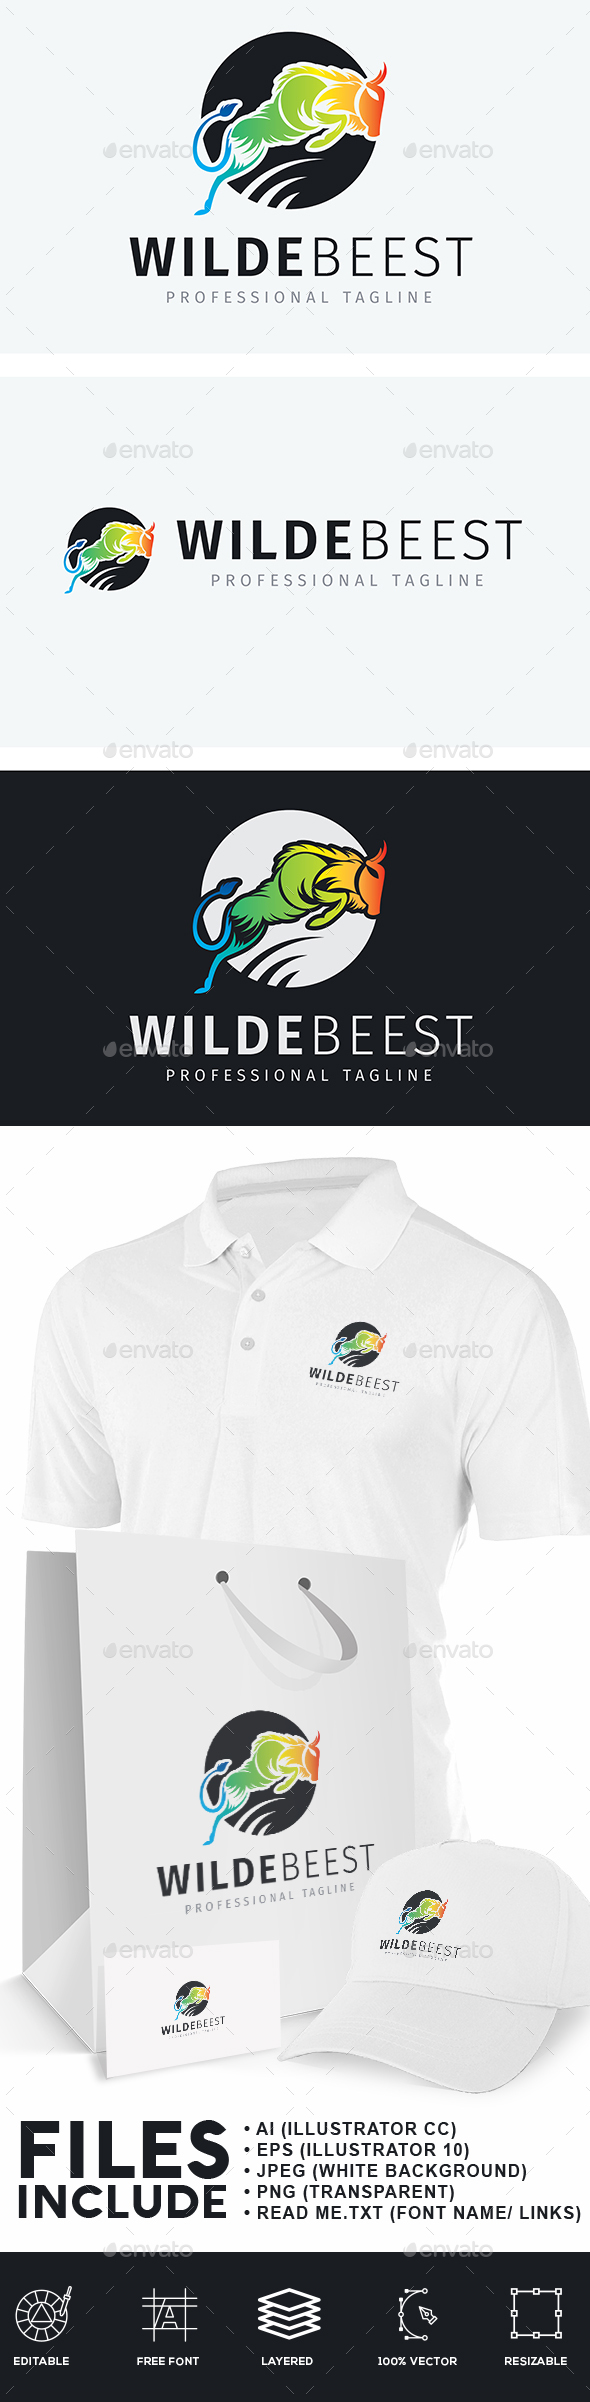 Wildebeest Logo - Animals Logo Templates